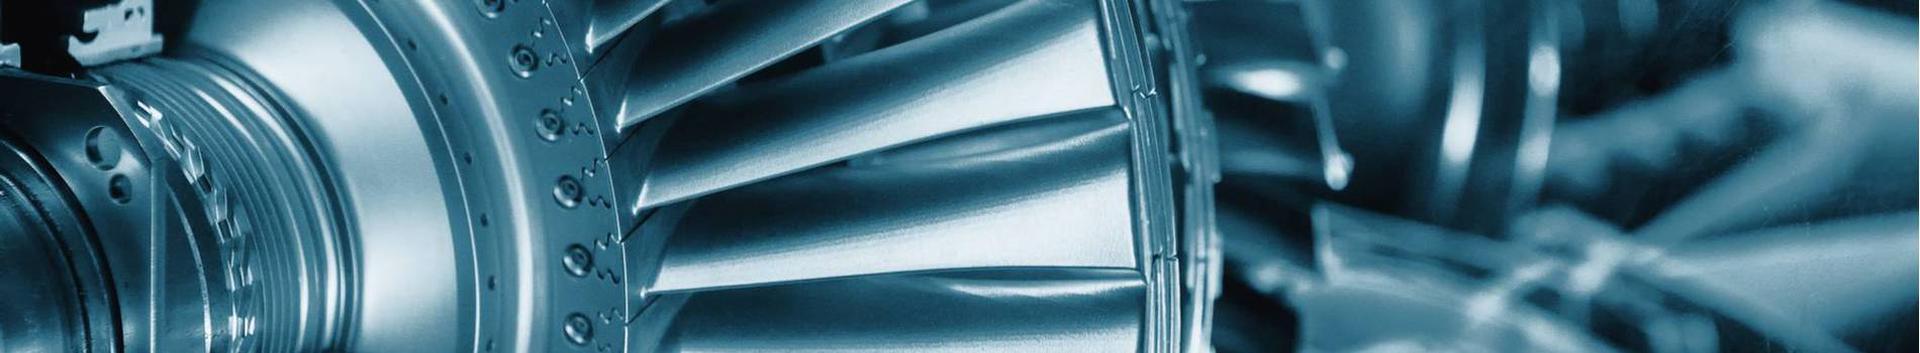 77399_muude-materiaalsete-varade-rentimine_13401274_xl.jpg